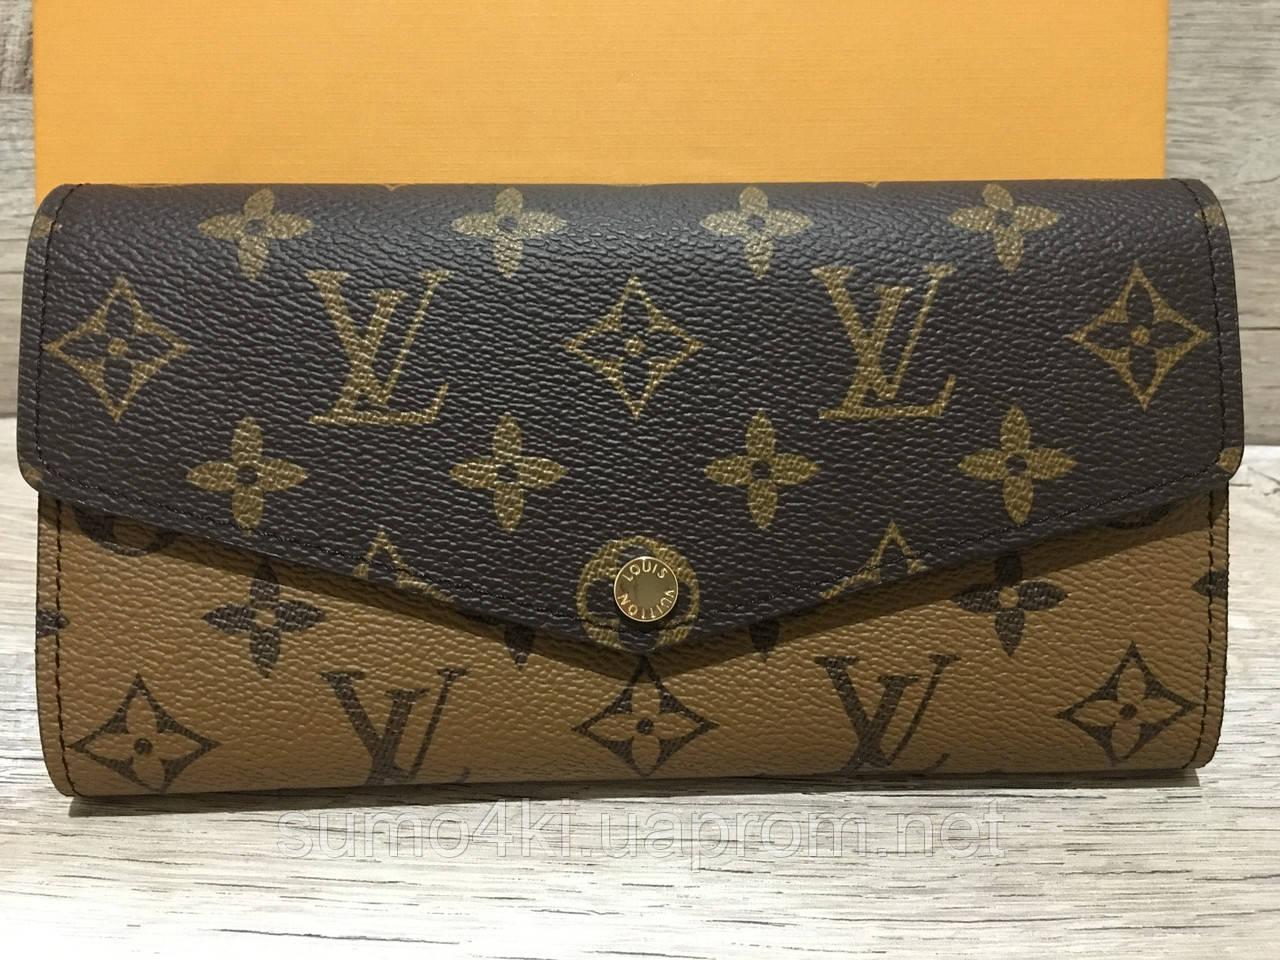 1e3fbe61c57d Купить Женский кожаный кошелёк Louis Vuitton Луи Виттон оптом и в ...